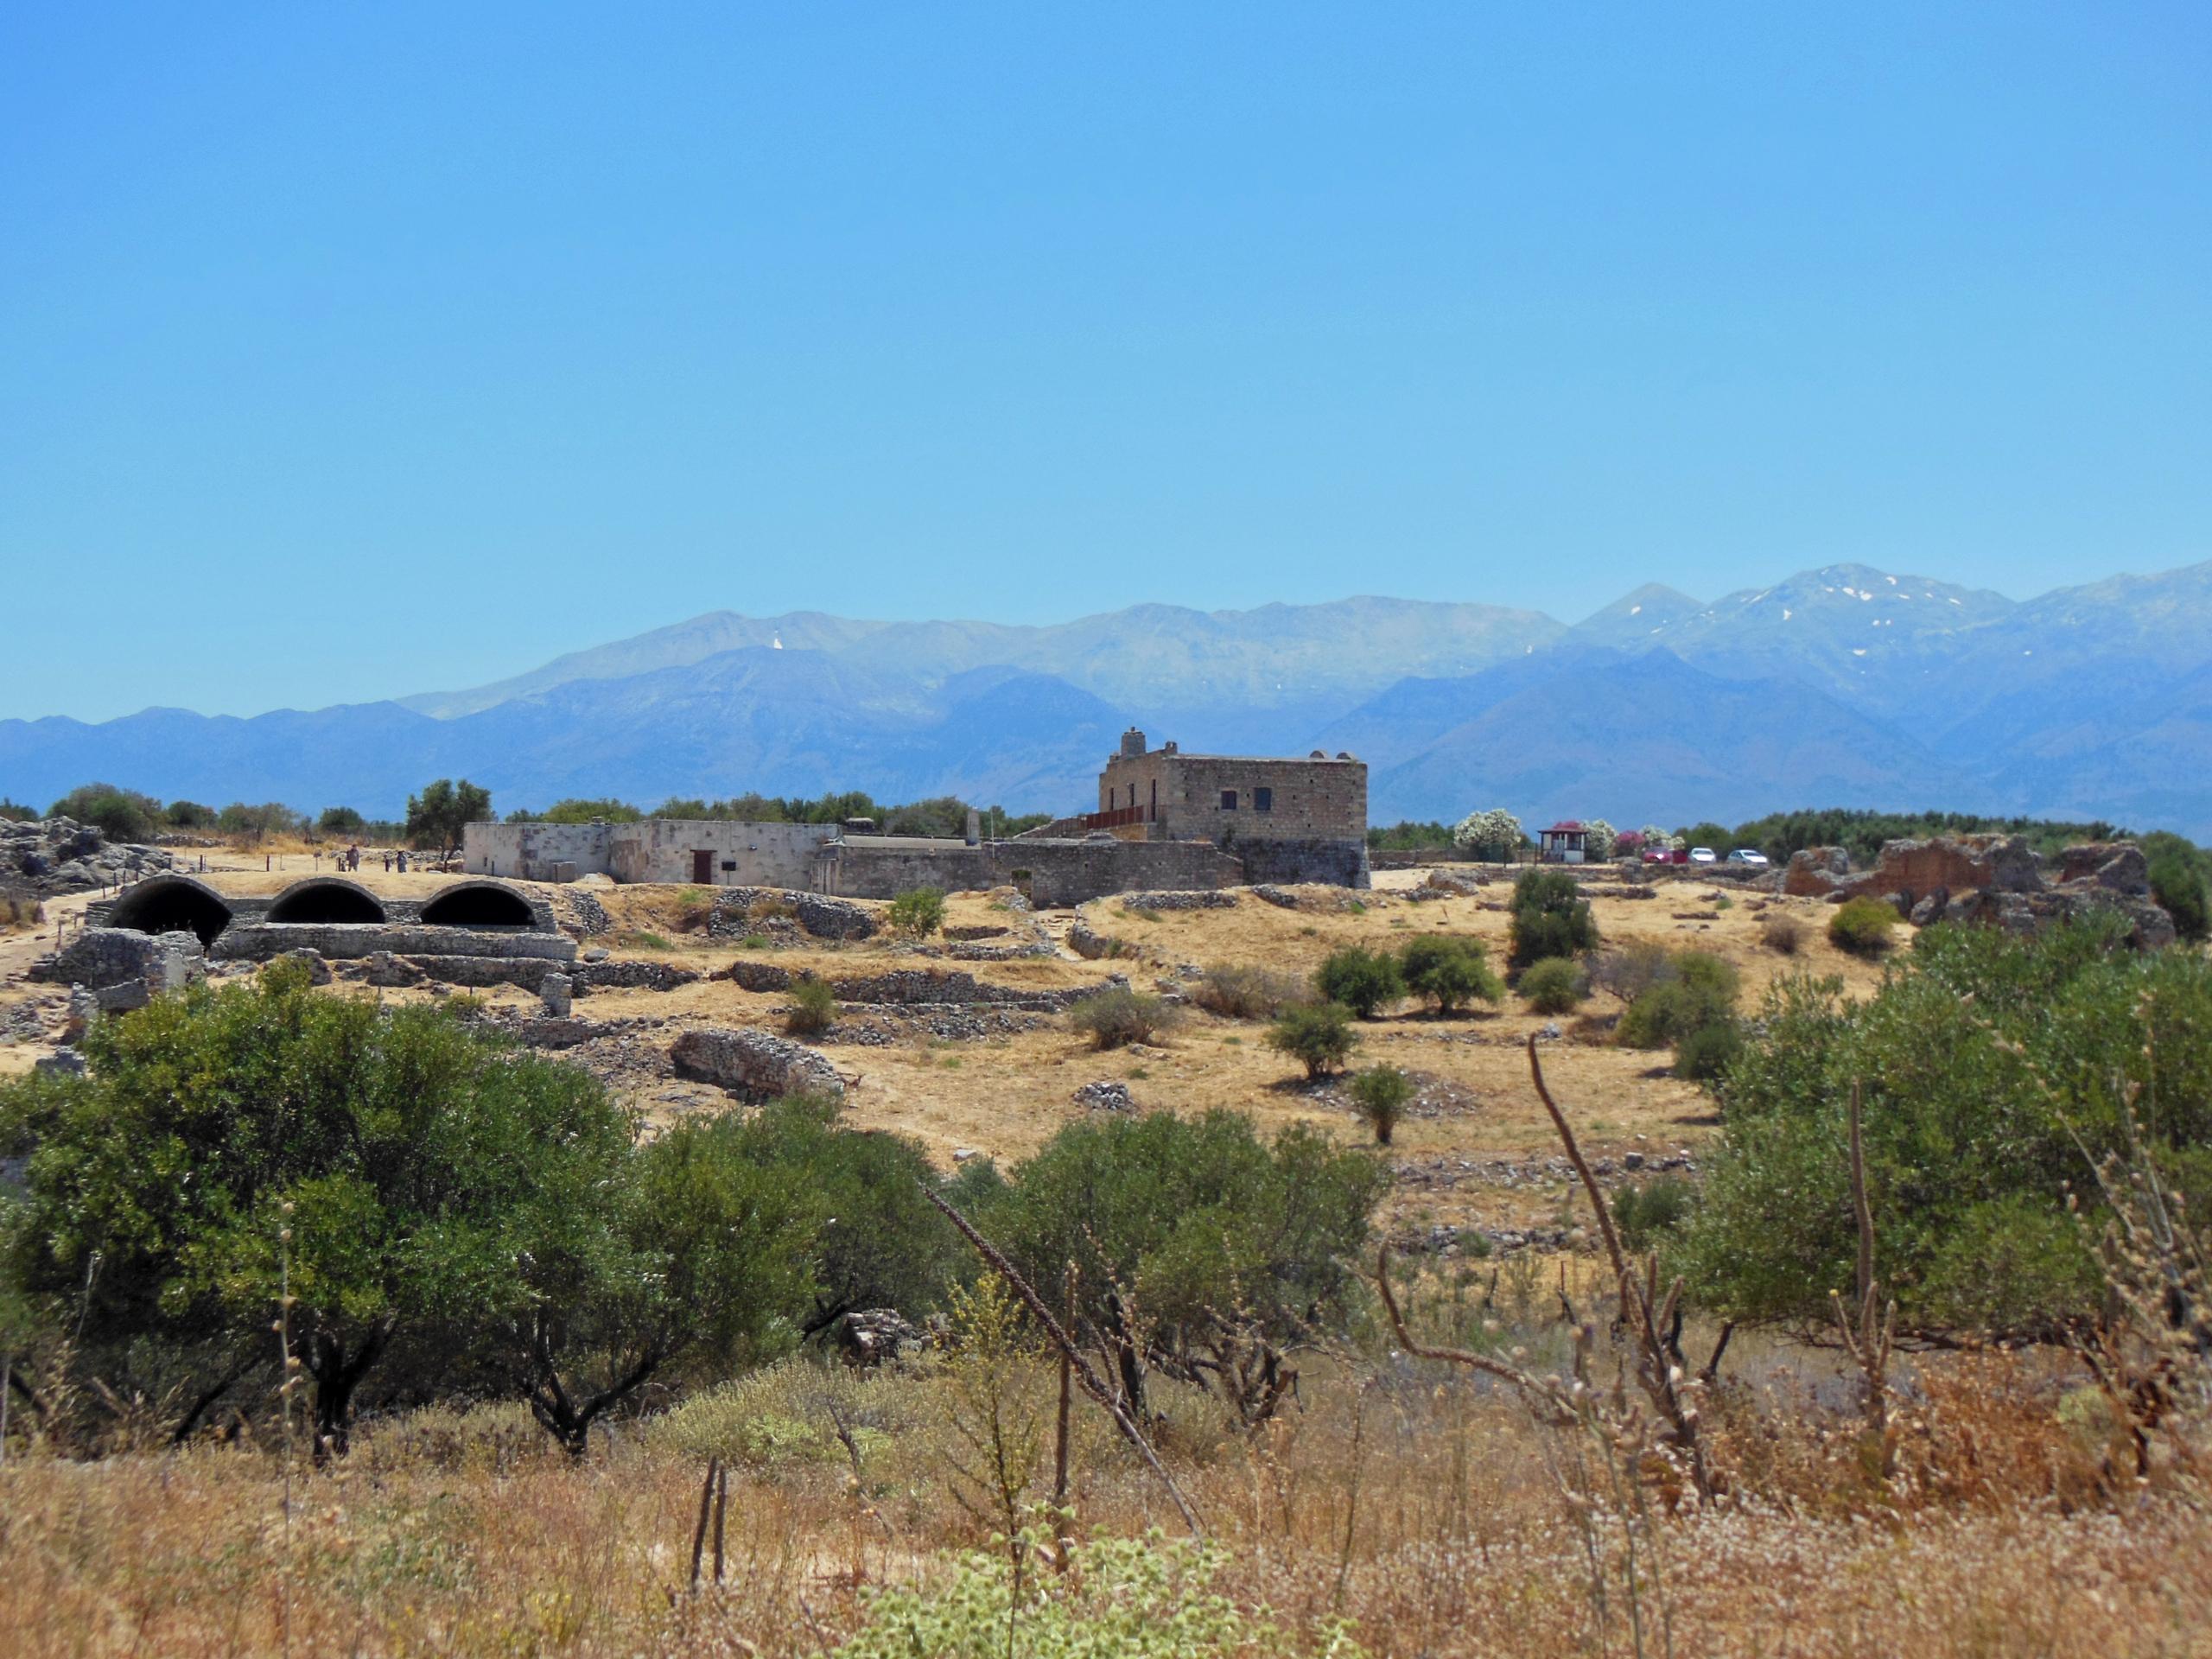 Kreta-29.06.12---13.07.12-462